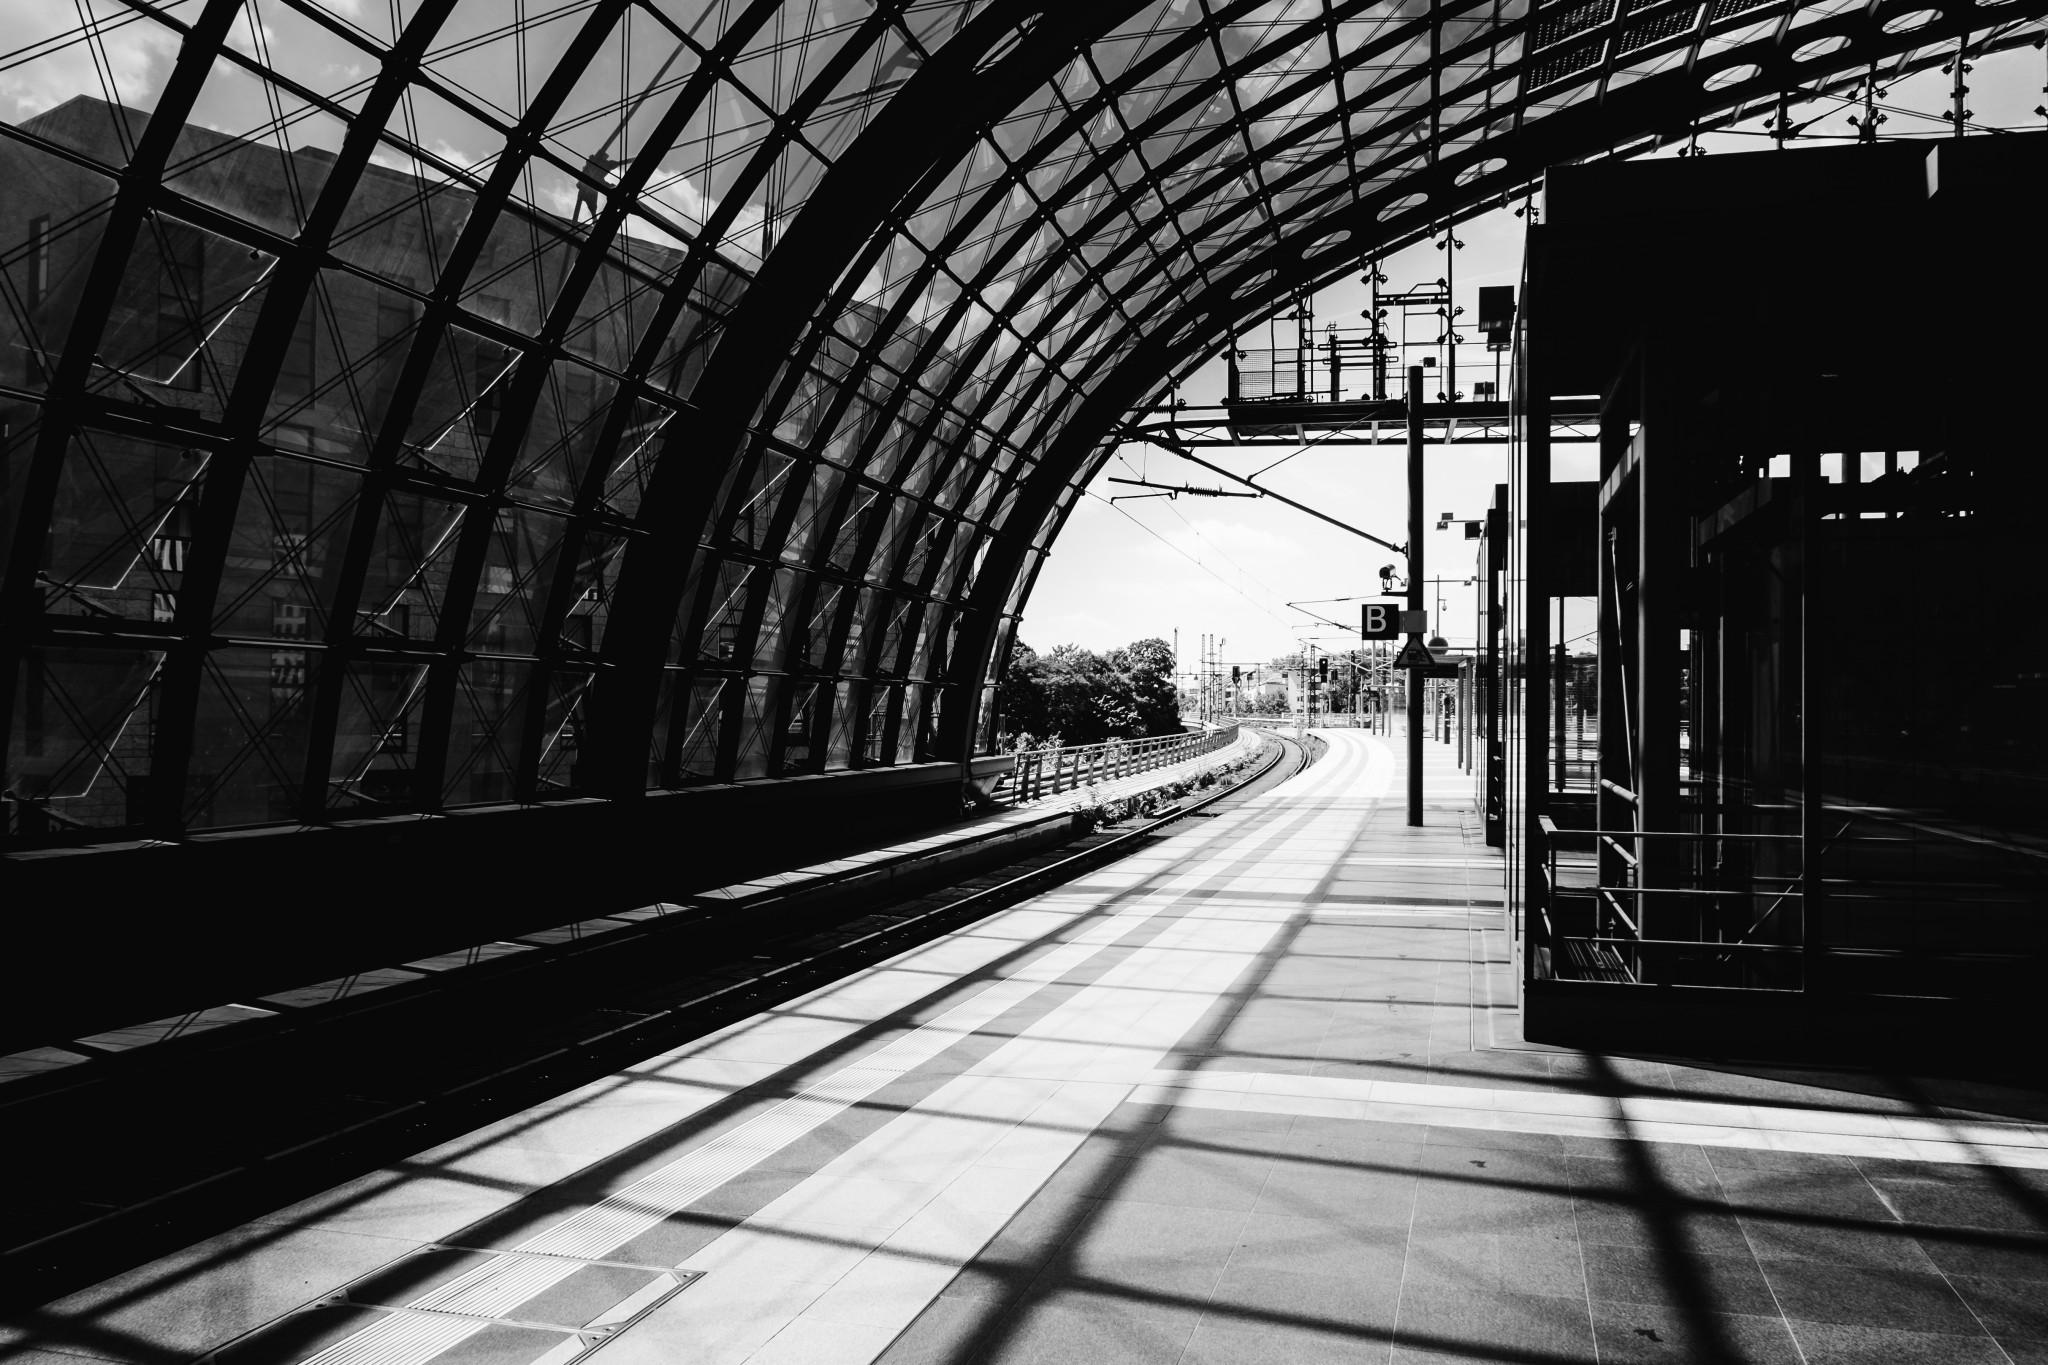 Architektur, Berlin Hauptbahnhof in Schwarz-Weiß